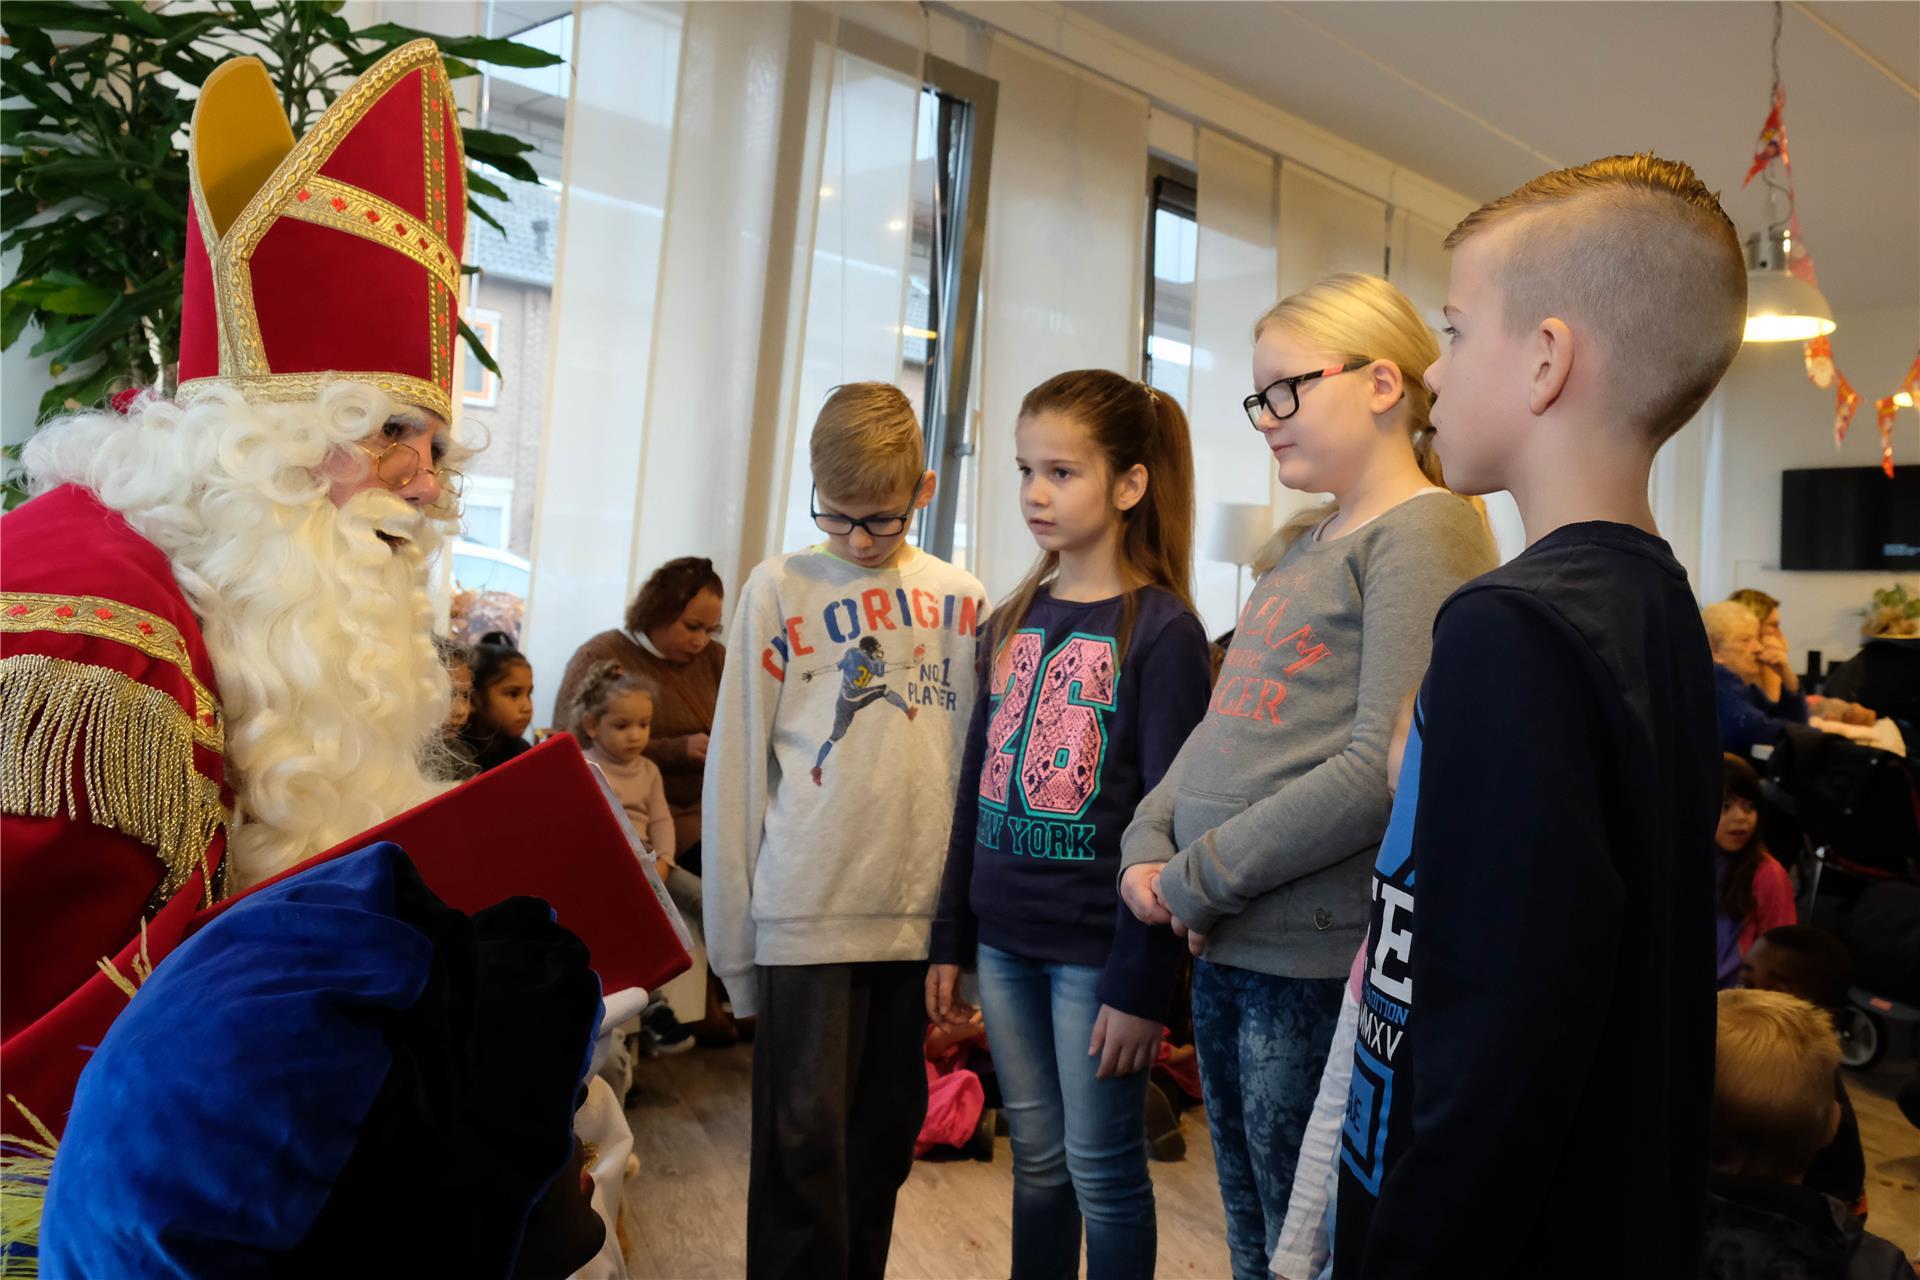 Sinterklaas-3769 - kopie - kopie - kopie - kopie.jpg